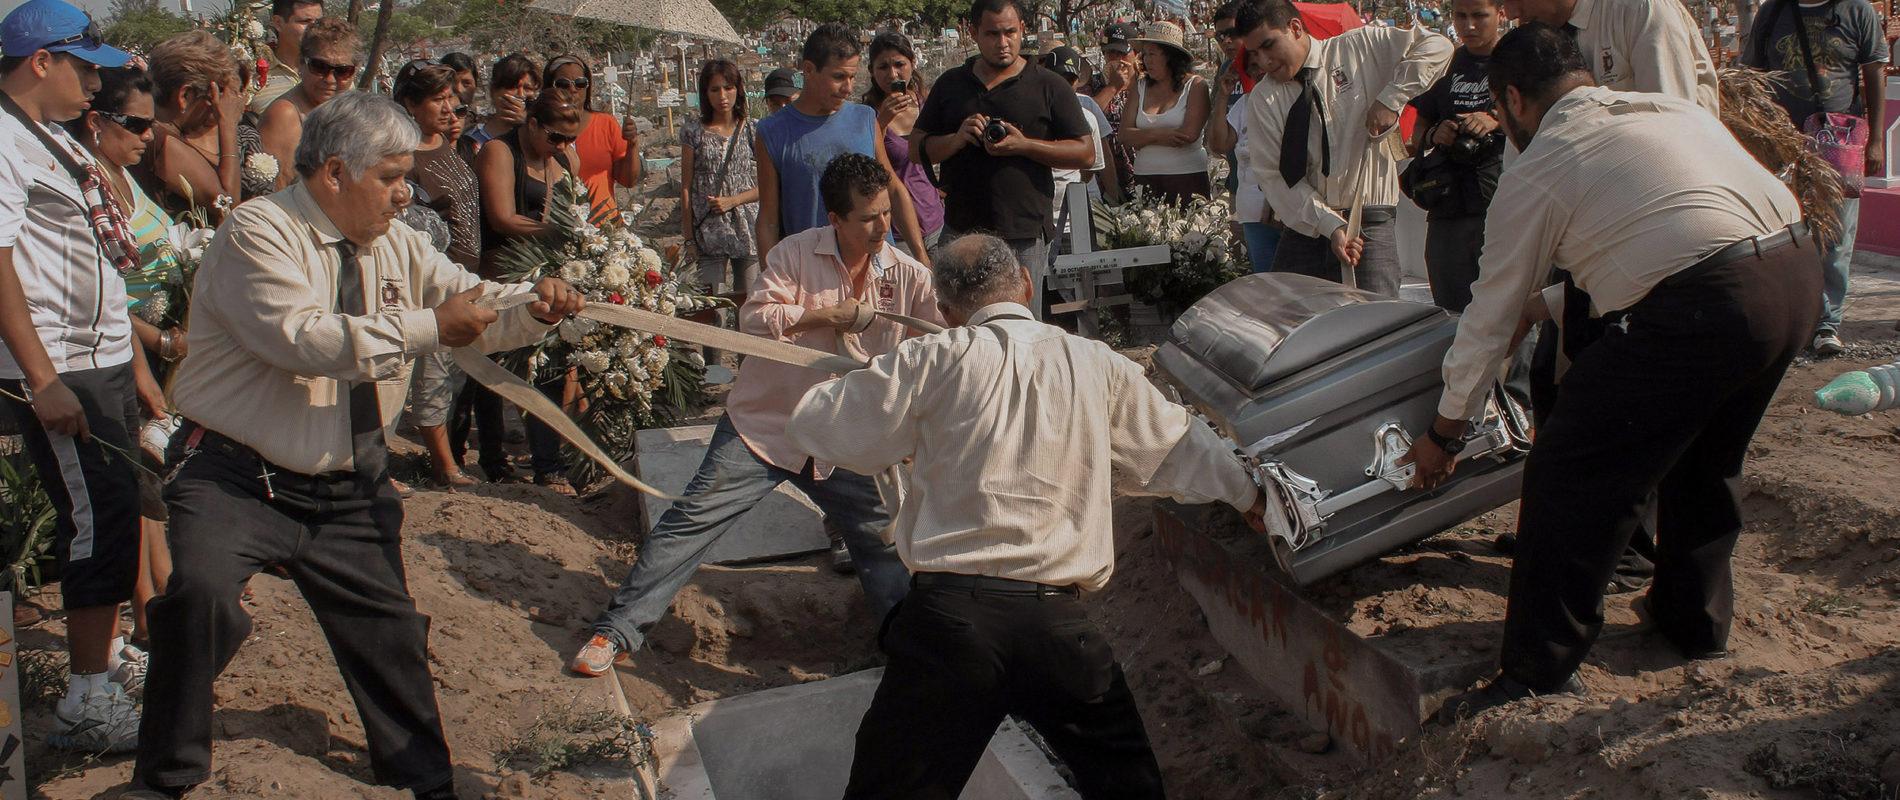 Sepelio de los fotoperiodistas Gabriel Huge y Guillermo Luna en el panteón municipal de la ciudad de Veracruz, México, el 04 de Mayo del 2012. Foto: Félix Márquez